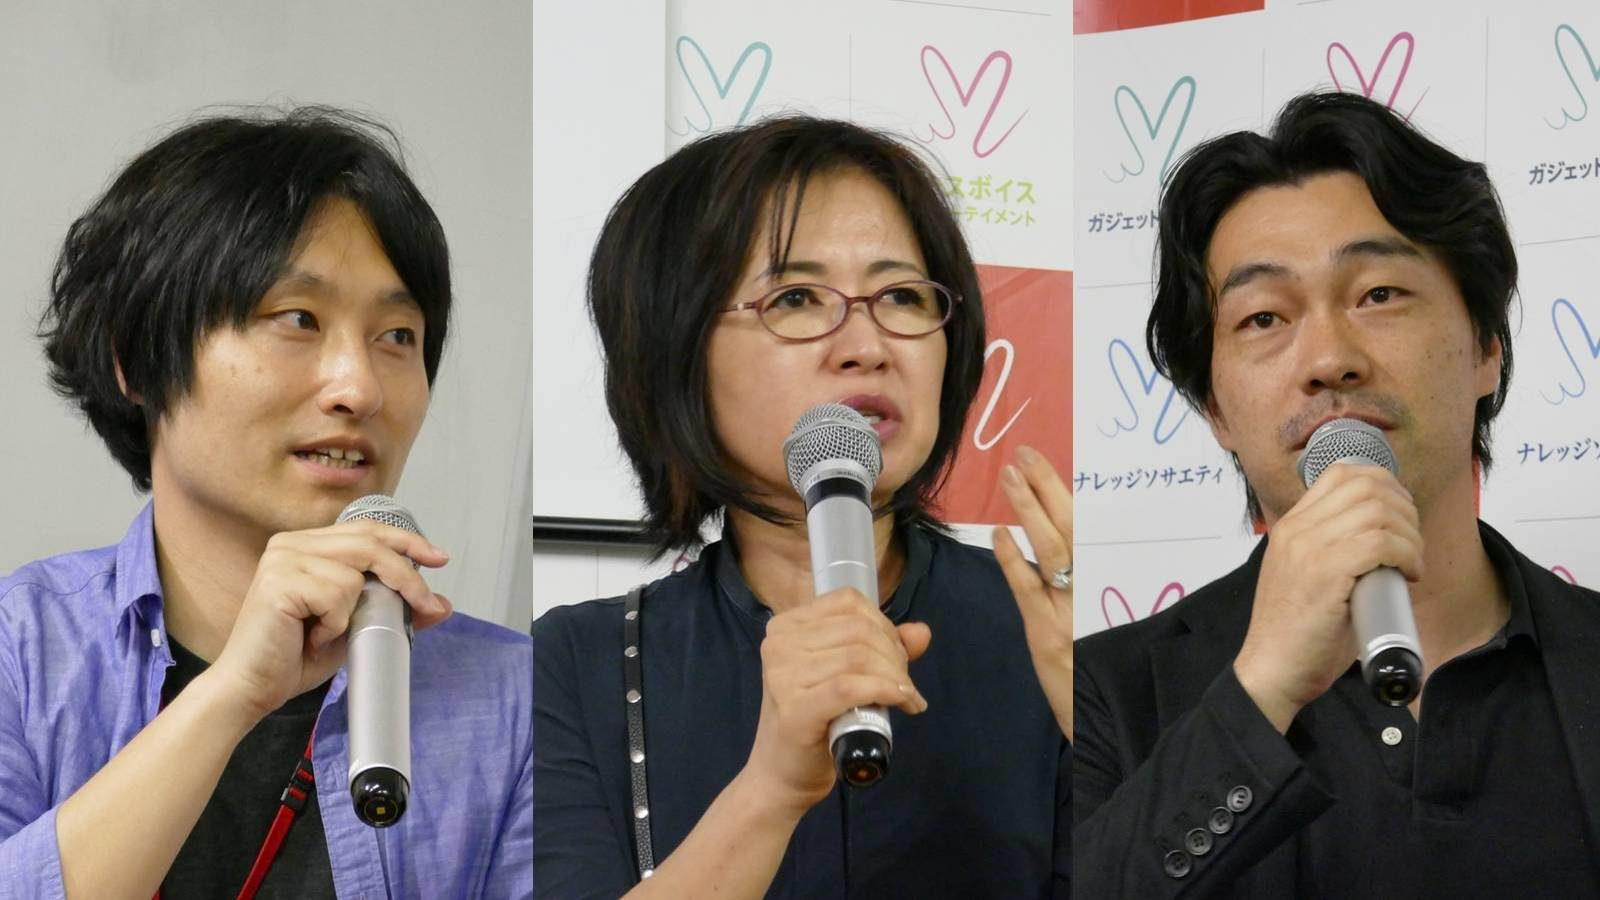 (左から)西村祥一氏、渡辺千賀氏、近藤秀和氏